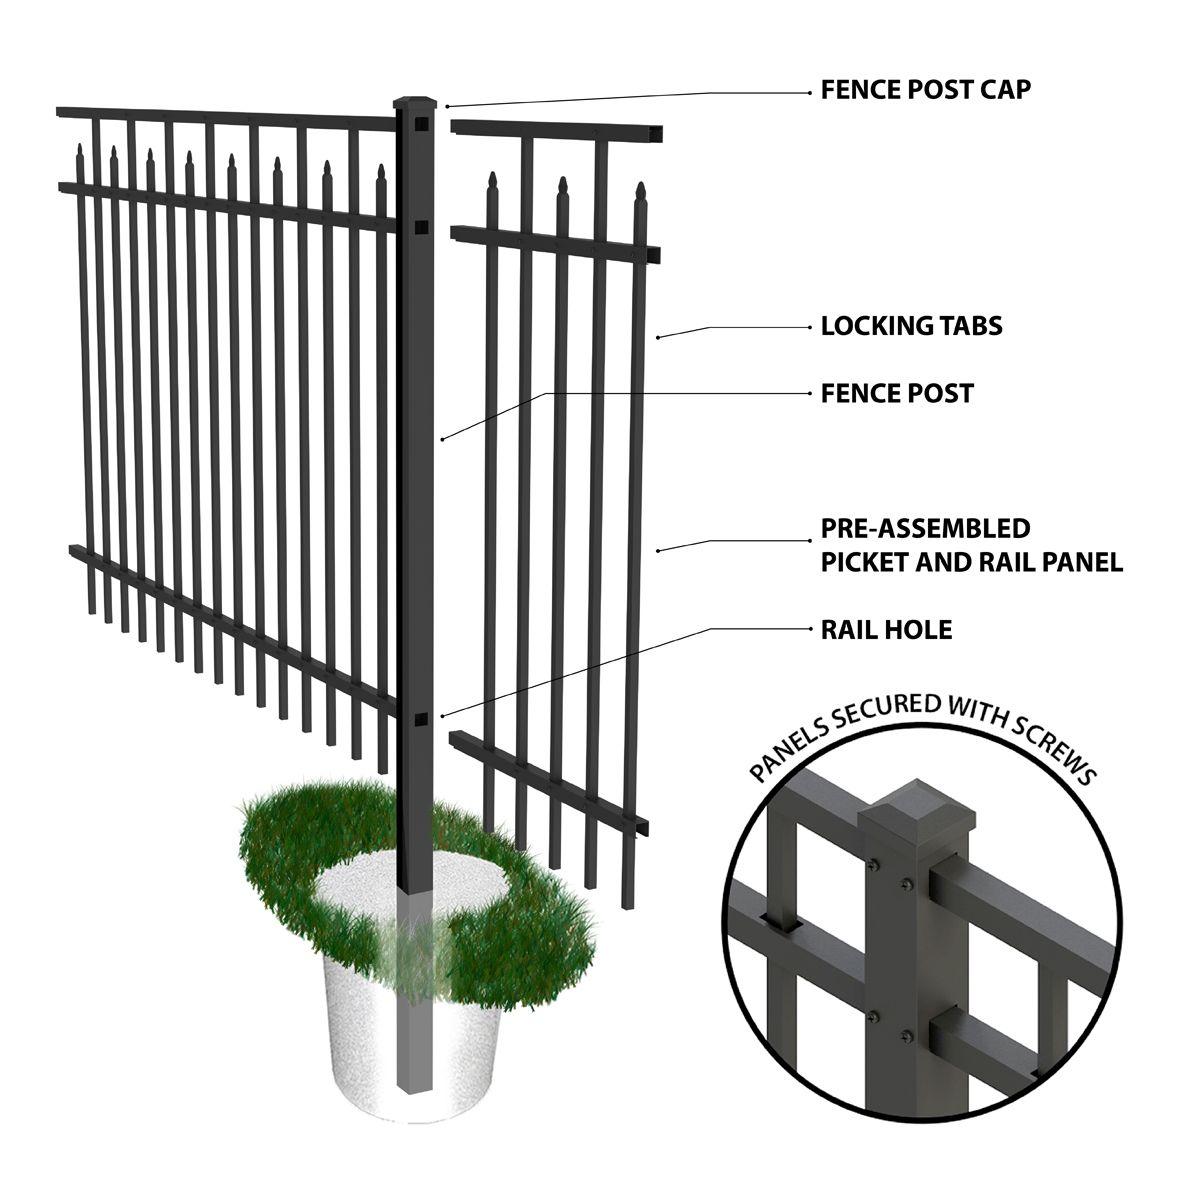 Hampton Fences Residential Fencing Aluminum Fence Systems Fence Fence Design Aluminum Fence